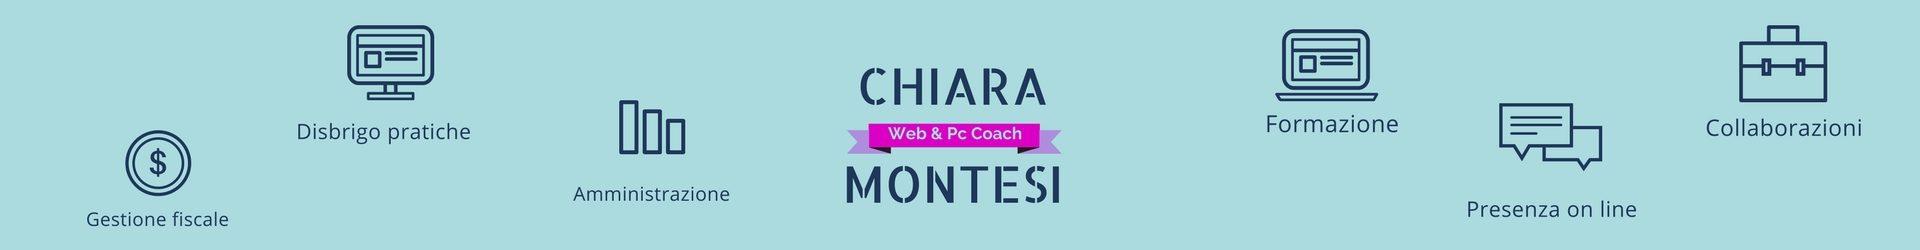 Chiara Montesi